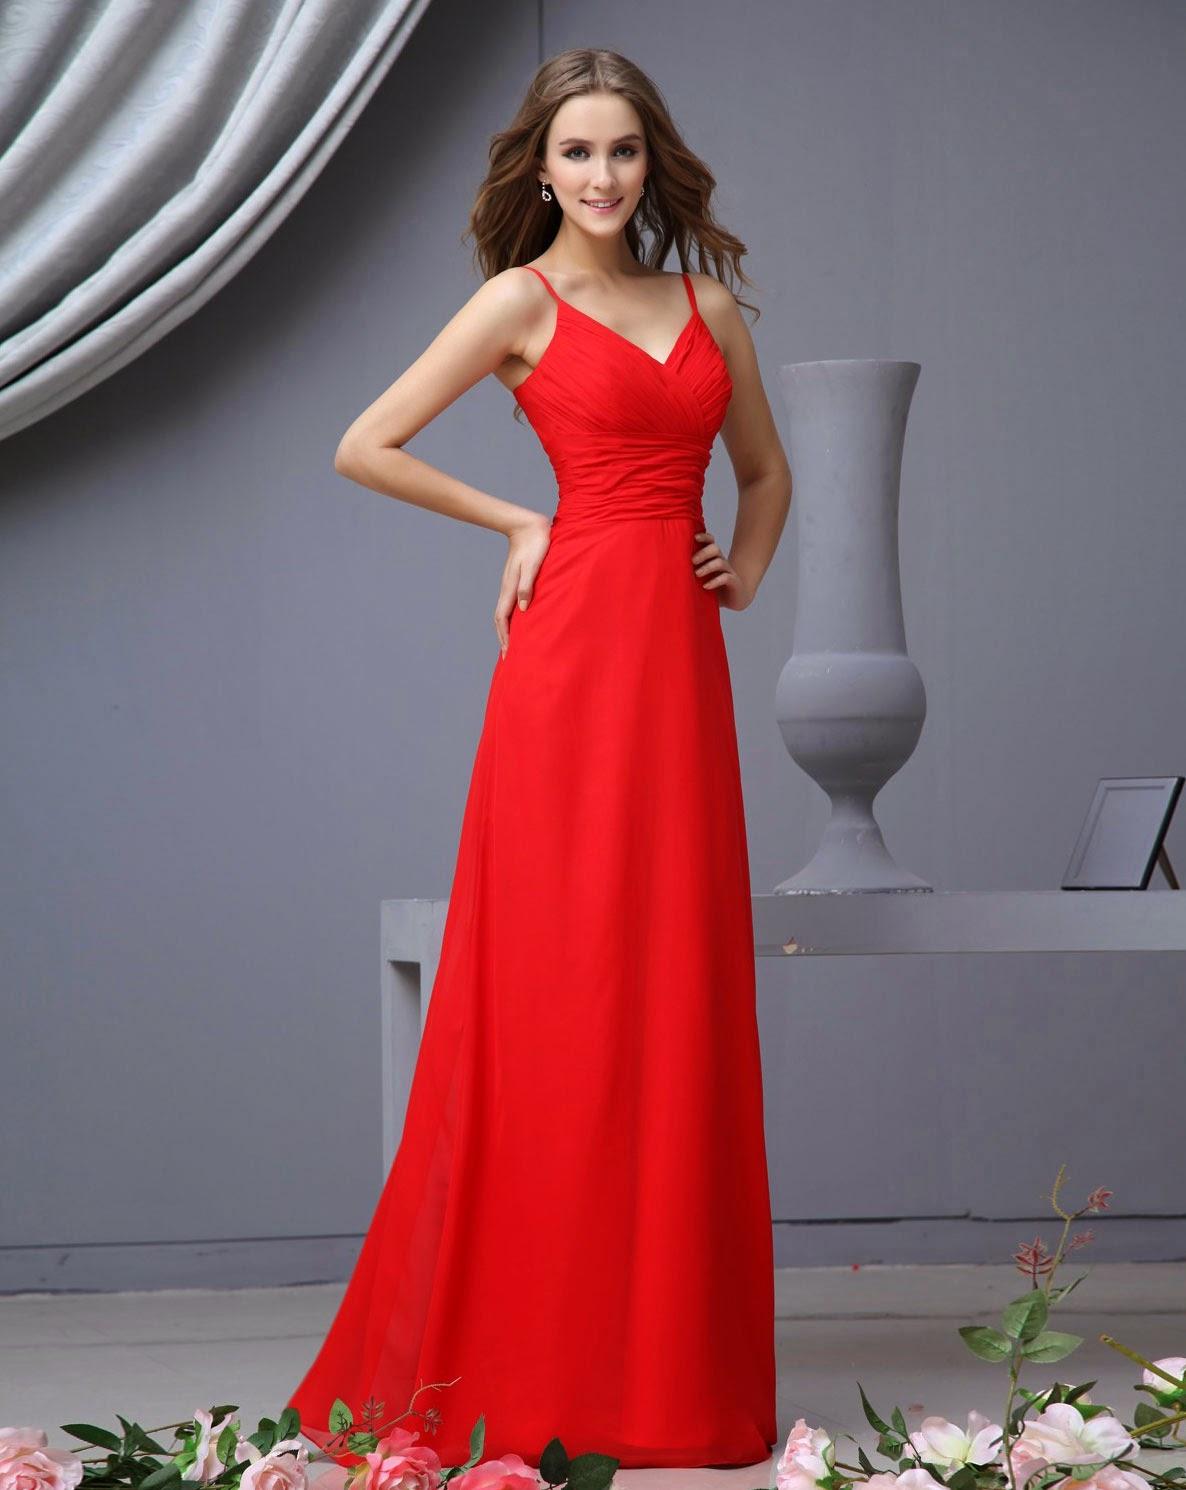 Red Wedding Dresses Simple Elegant Design Ideas